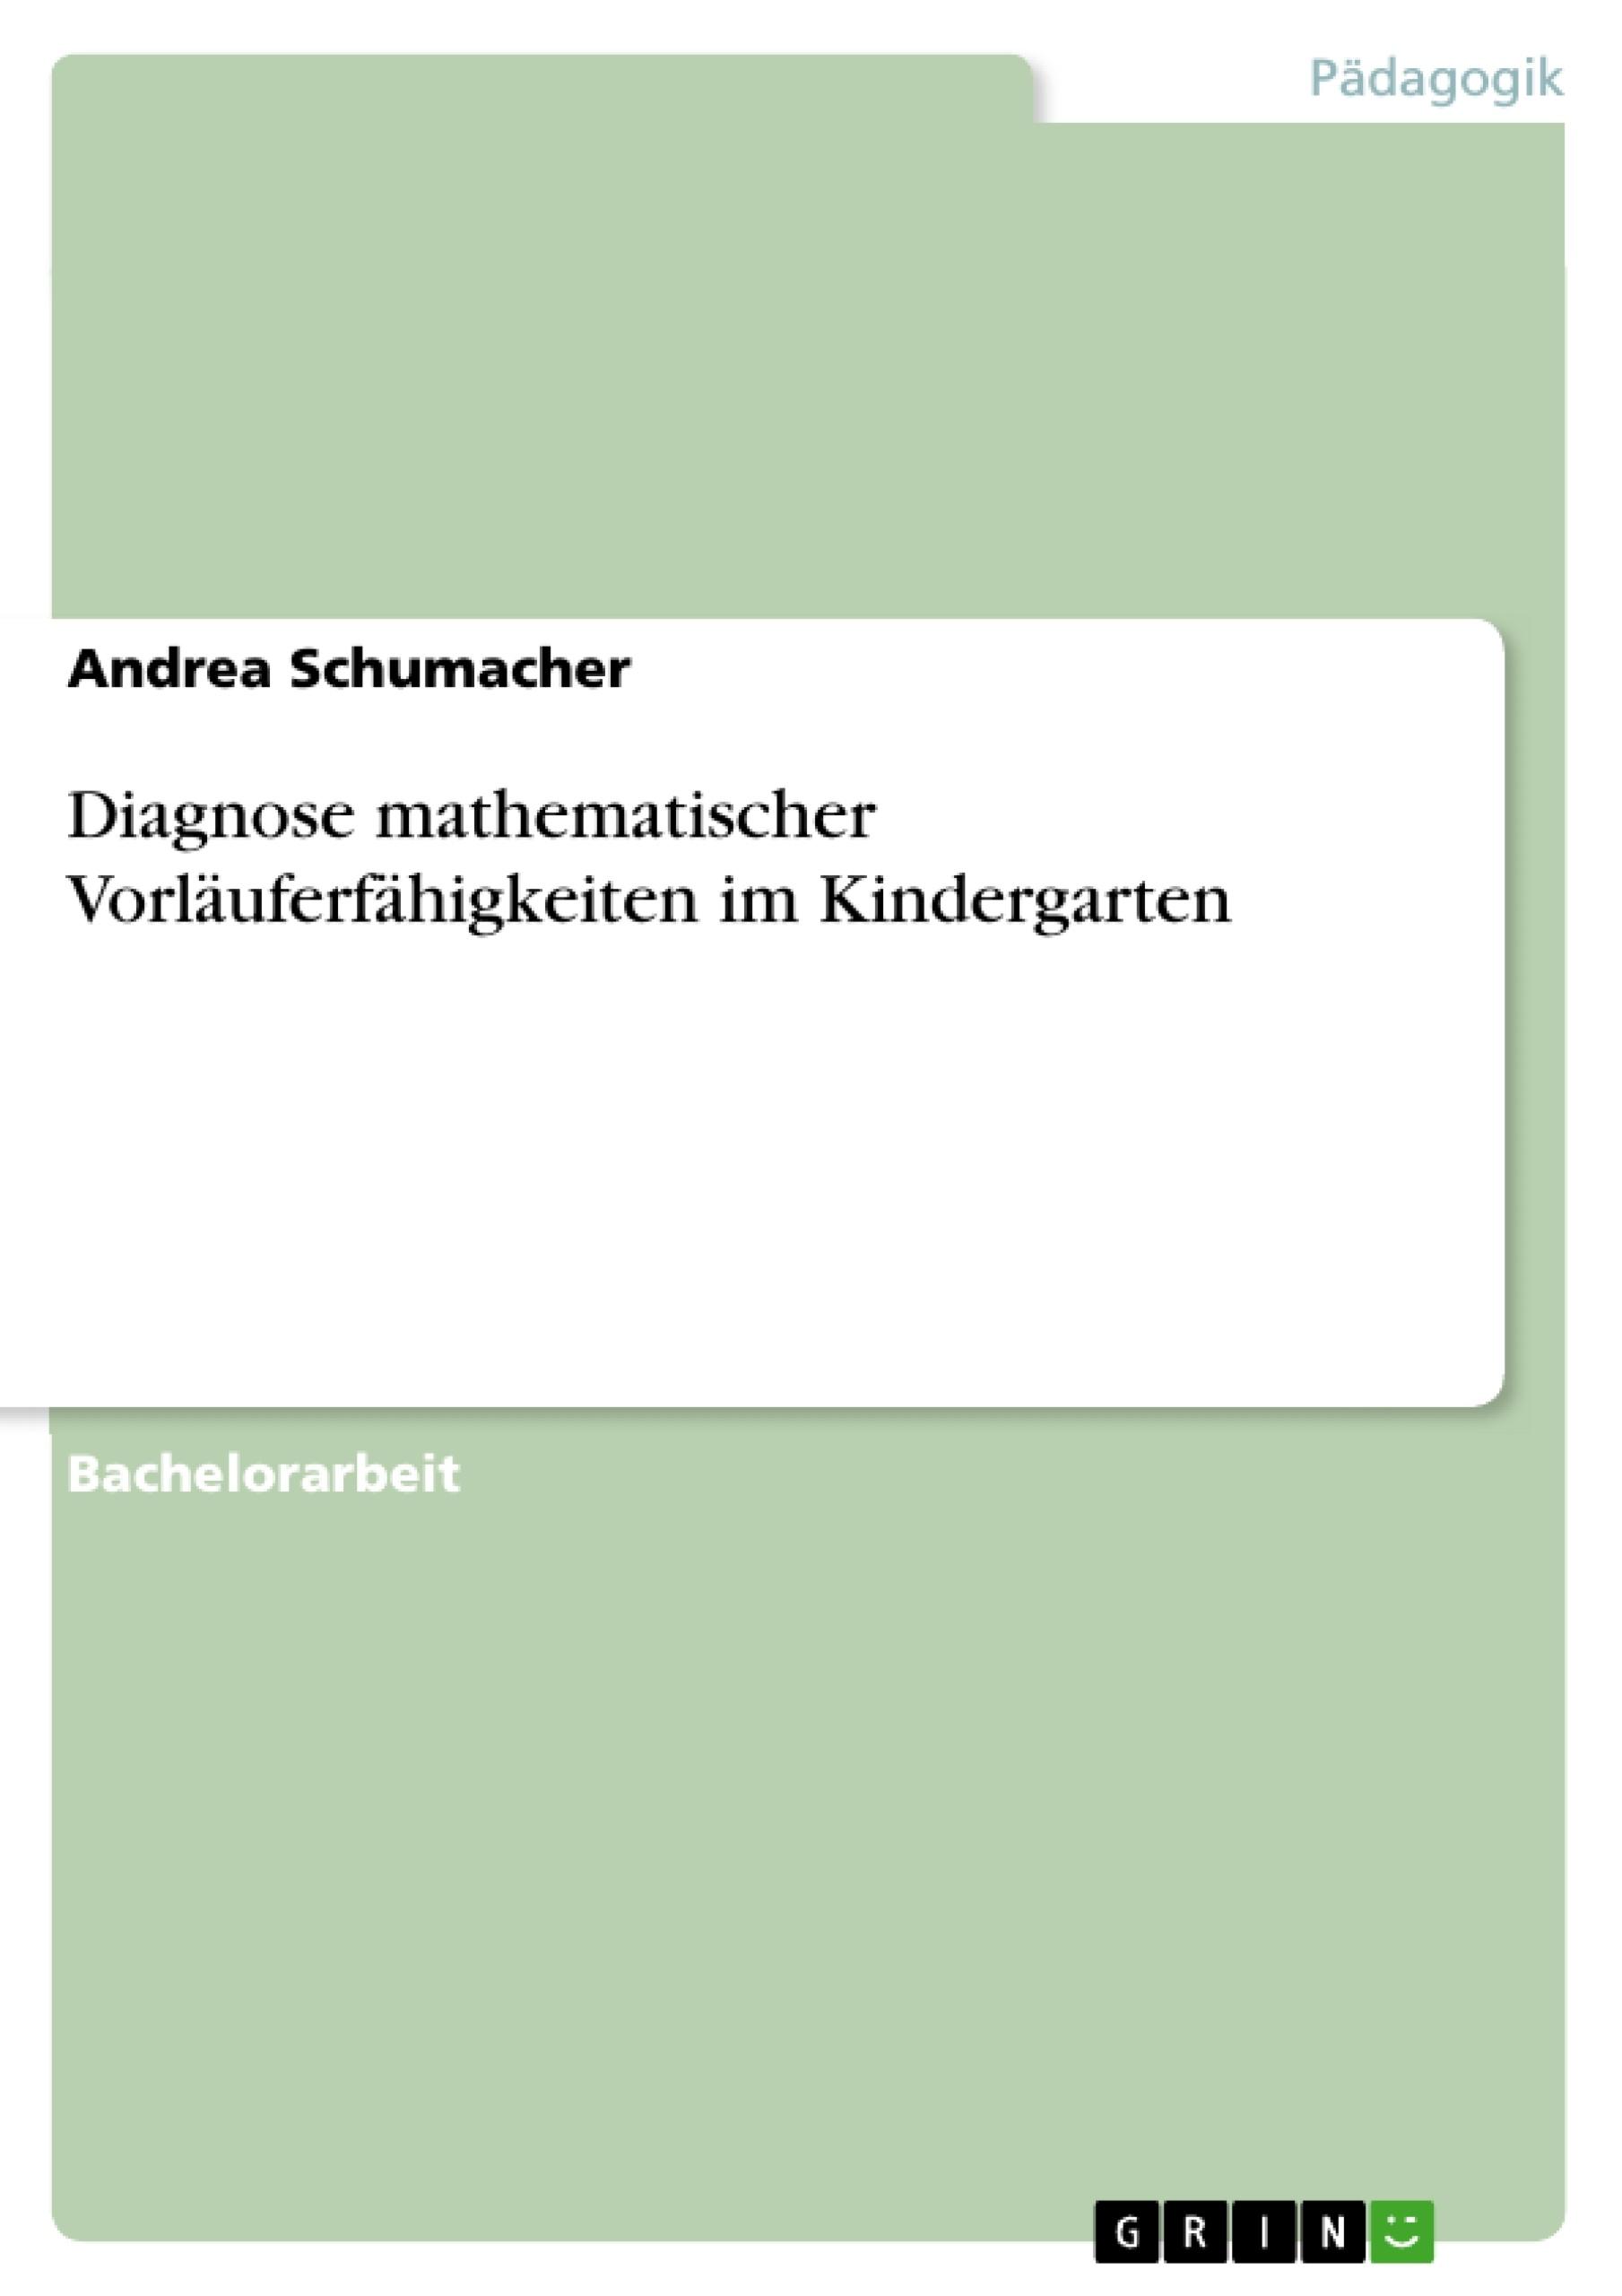 Titel: Diagnose mathematischer Vorläuferfähigkeiten im Kindergarten